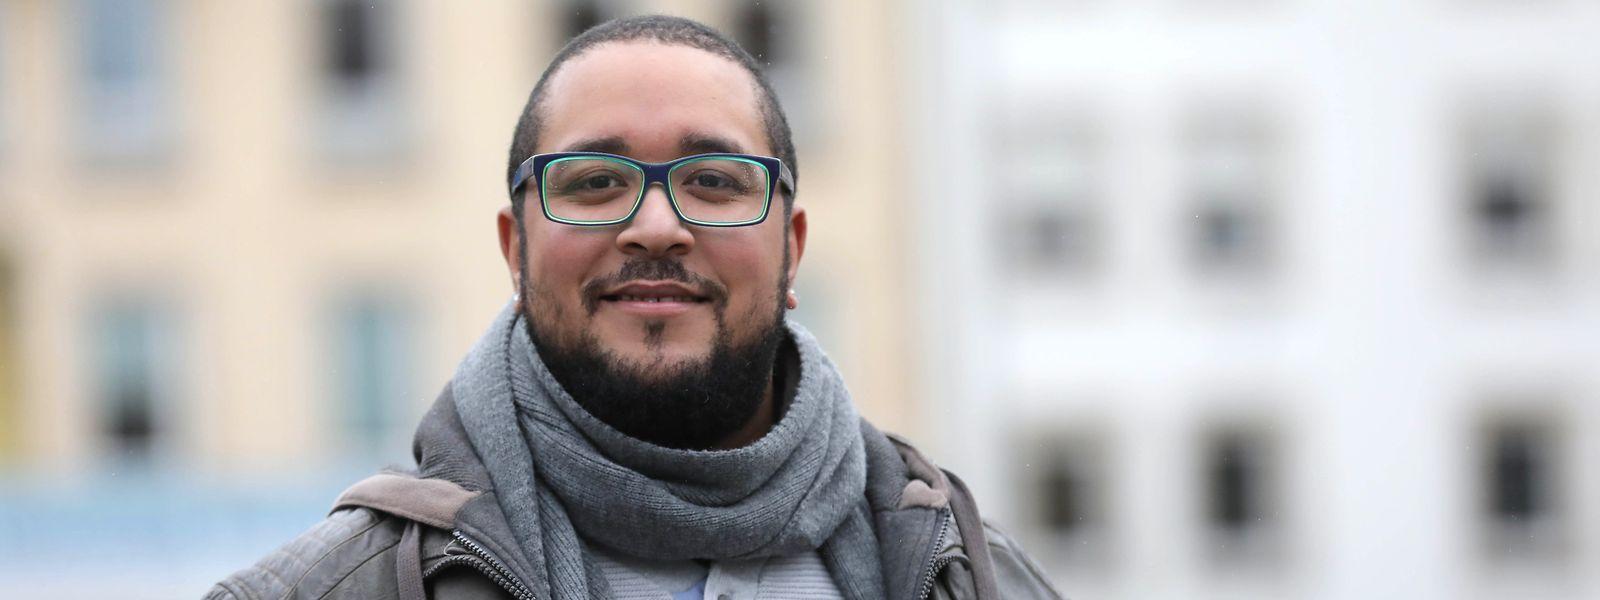 Starsky Flor ist aktuell Co-Präsident der Piraten. Für ihn stehen Werte wie Offenheit, Toleranz, soziale Gerechtigkeit und Transparenz an erster Stelle.